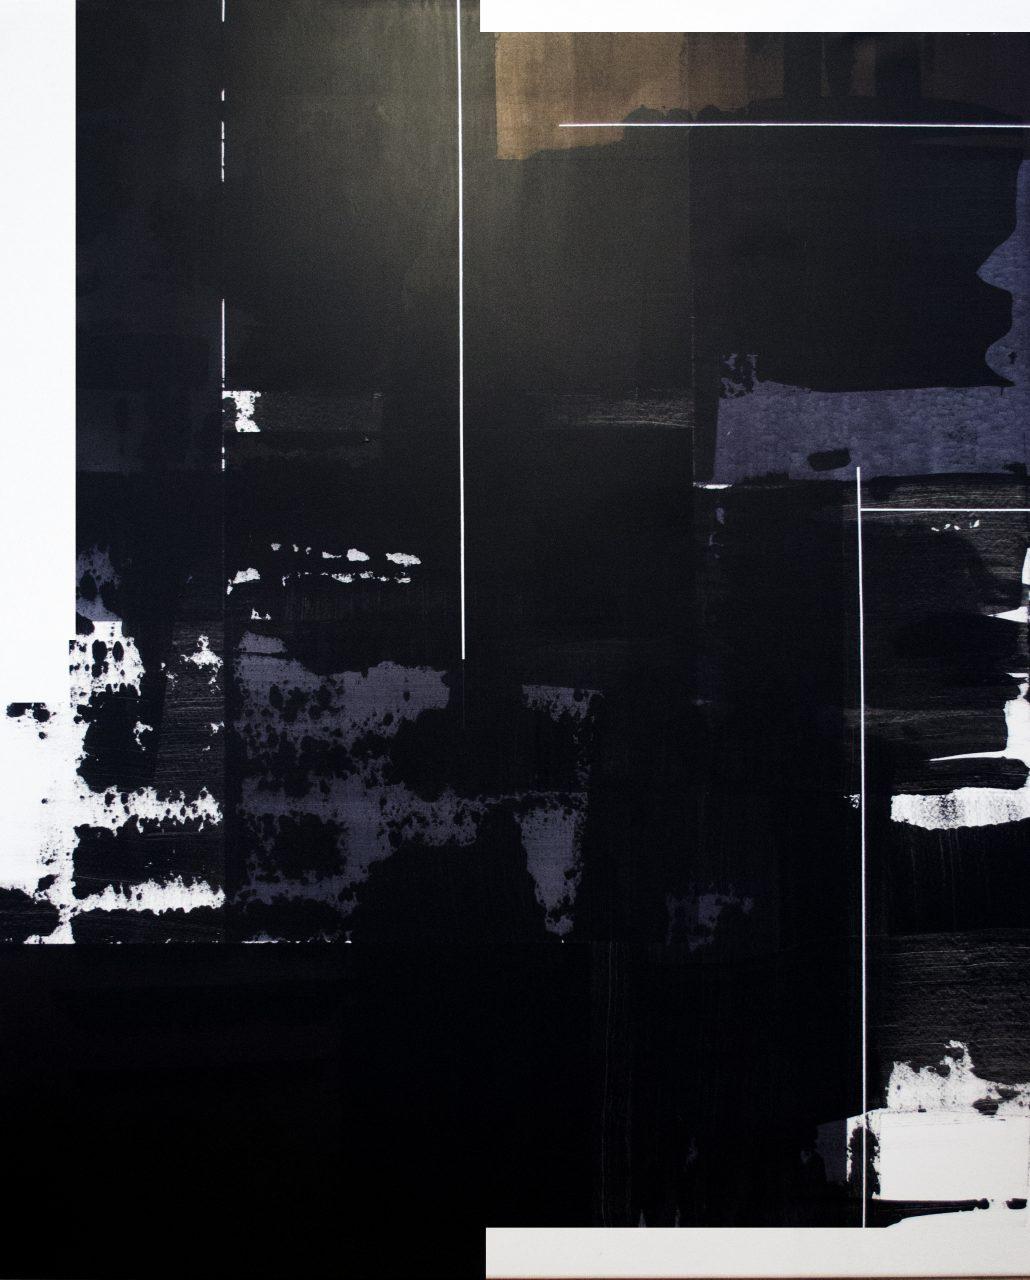 op200118. acrylic on canvas, 160x130cm | Gyula Sagi | available artwork